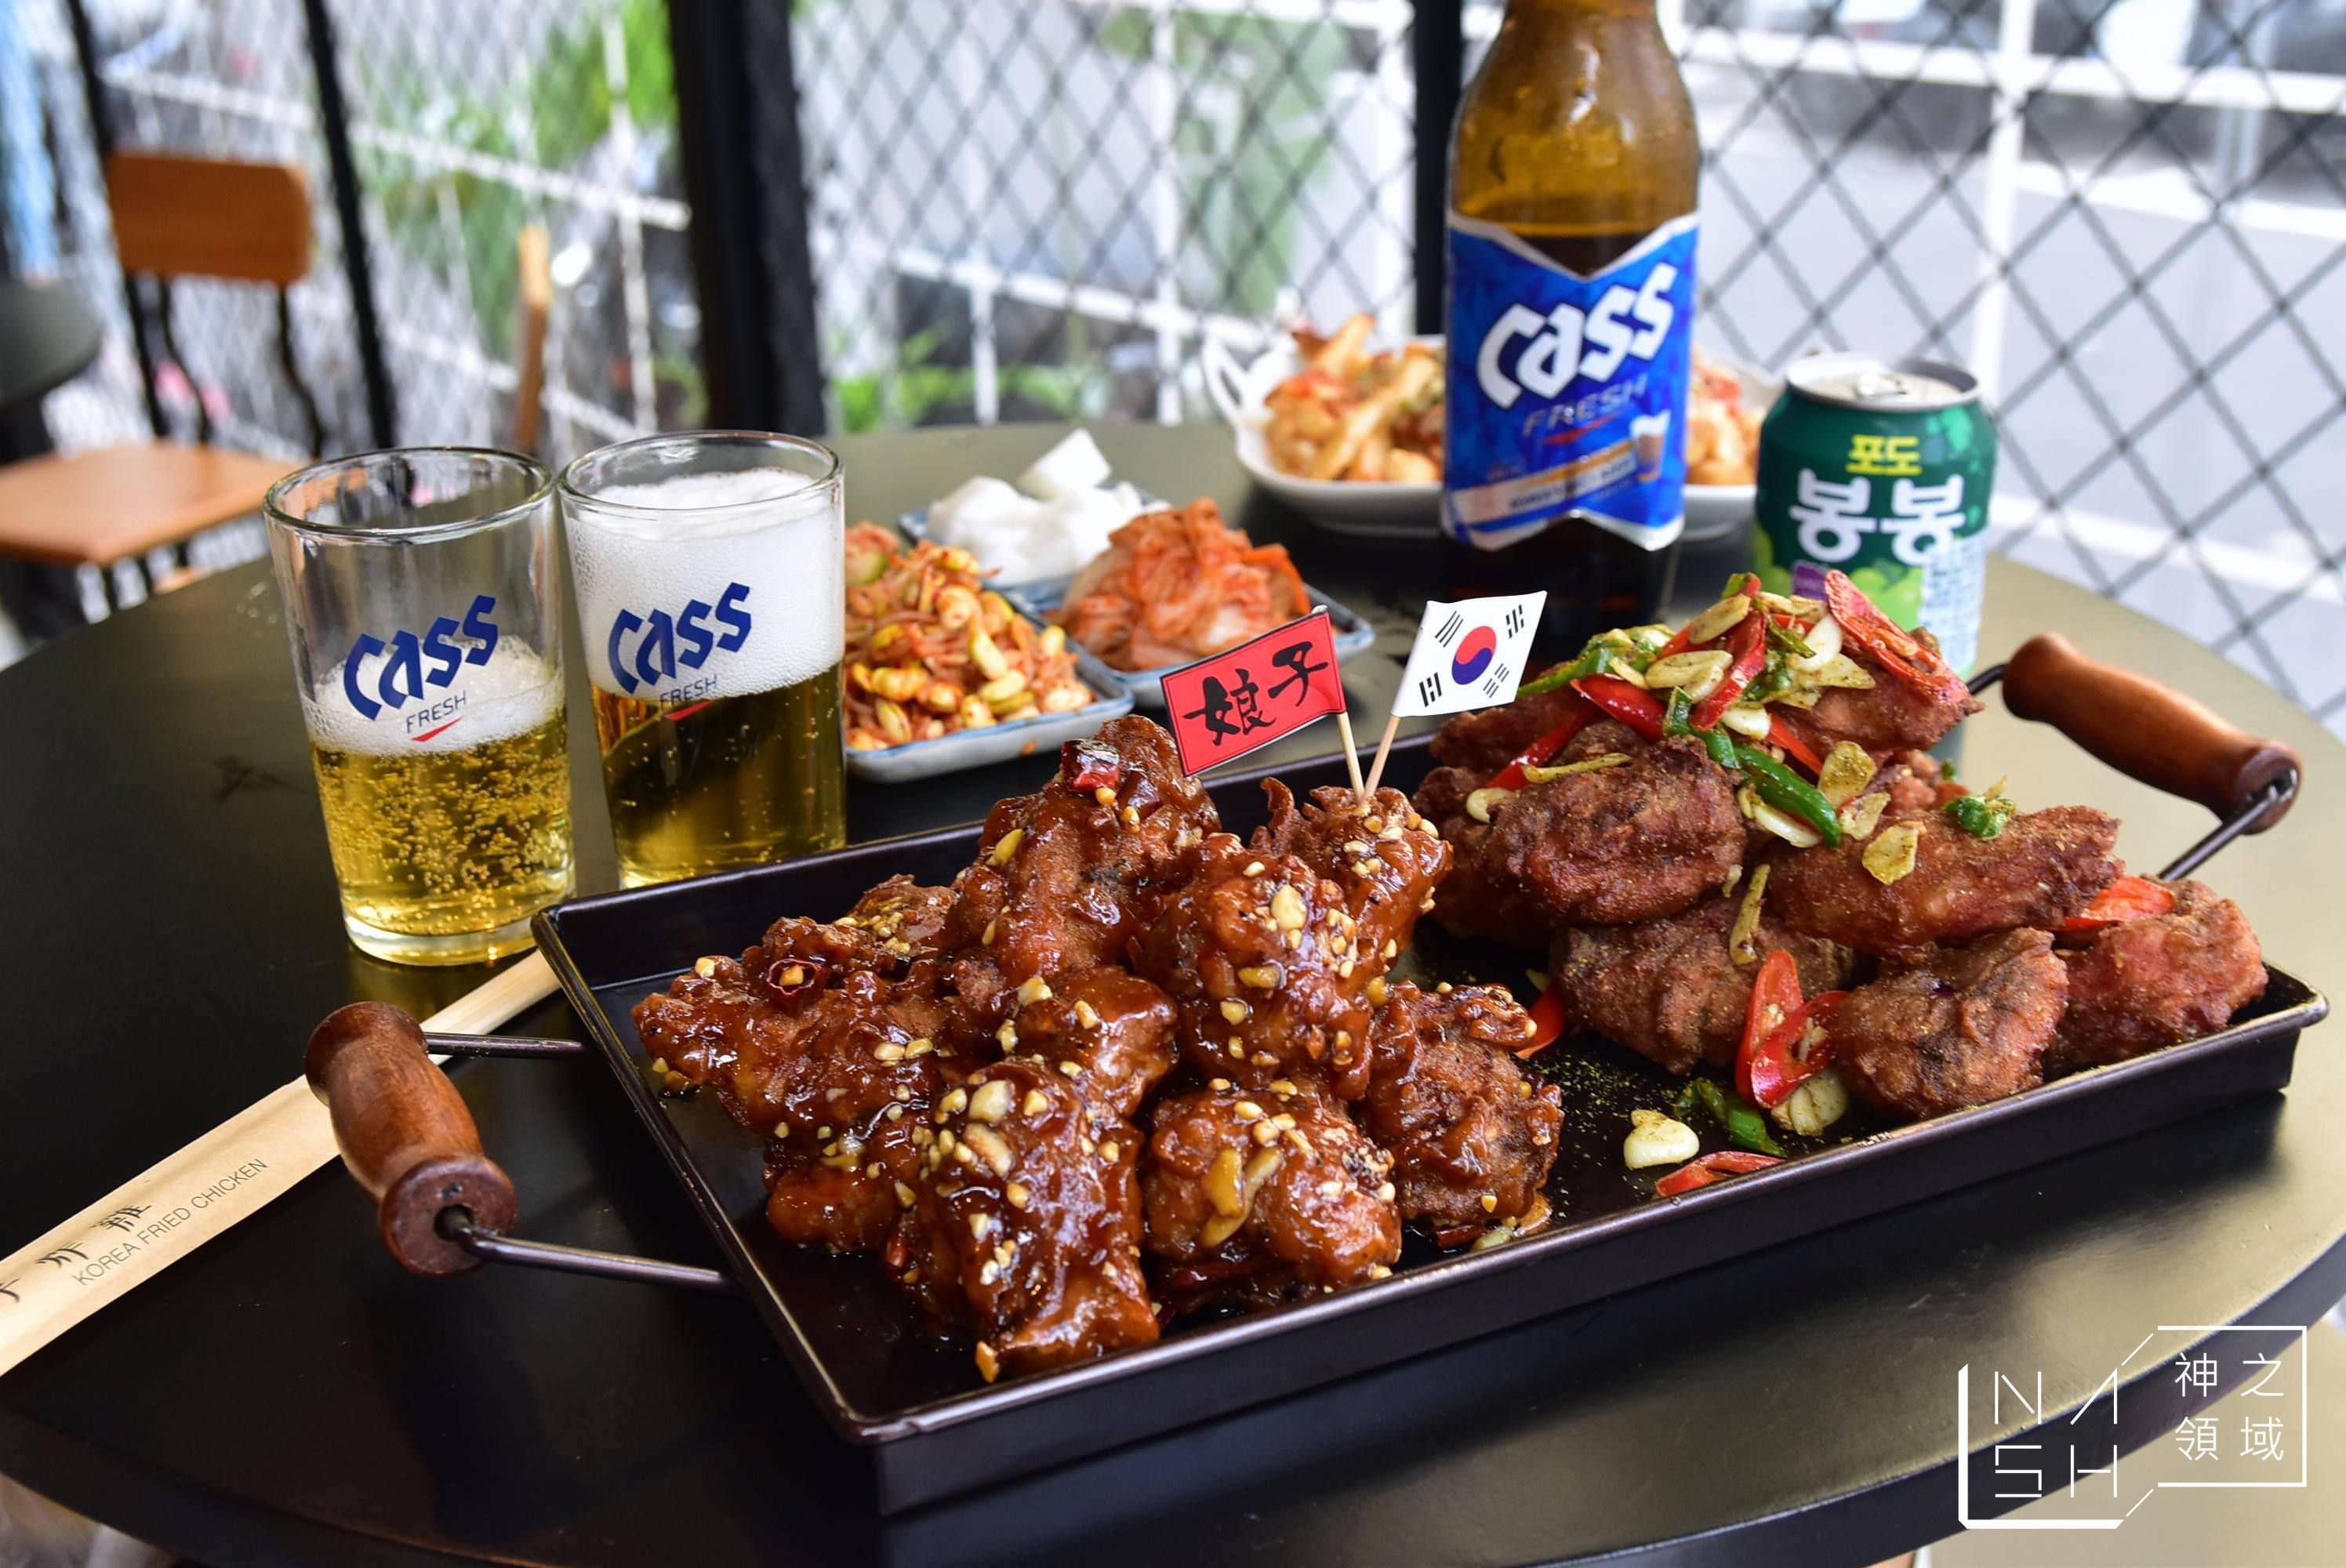 韓式炸雞,娘子韓食,娘子炸雞,娘子,忠孝敦化美食 @Nash,神之領域